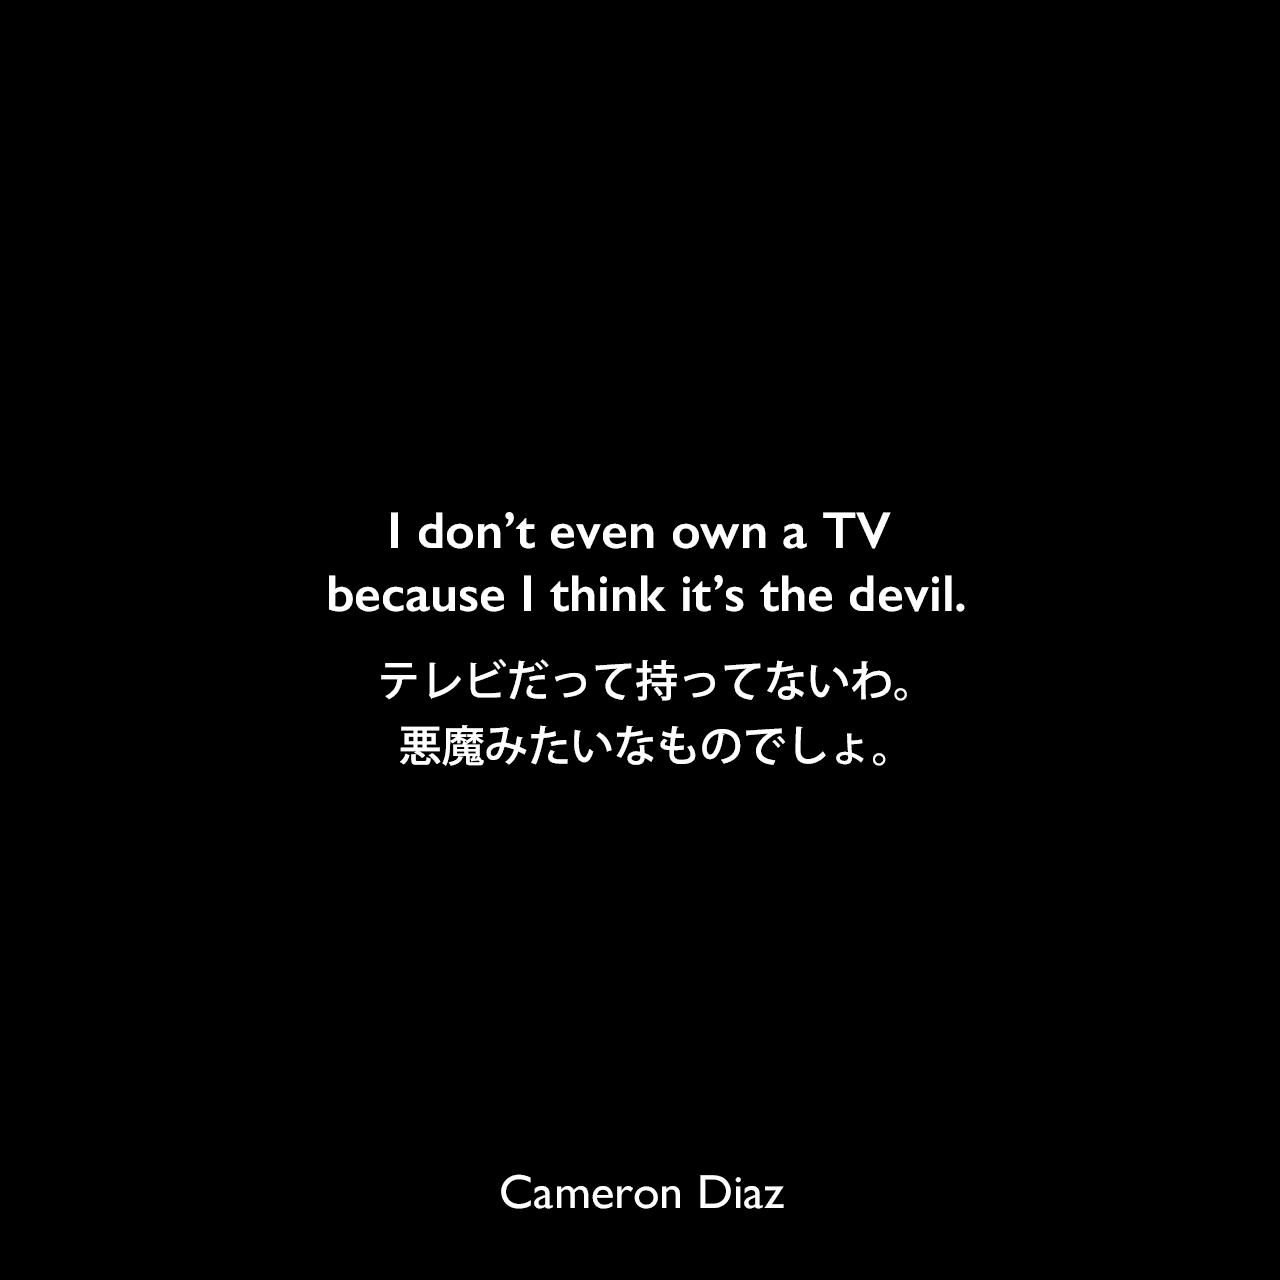 I don't even own a TV because I think it's the devil.テレビだって持ってないわ。悪魔みたいなものでしょ。Cameron Diaz